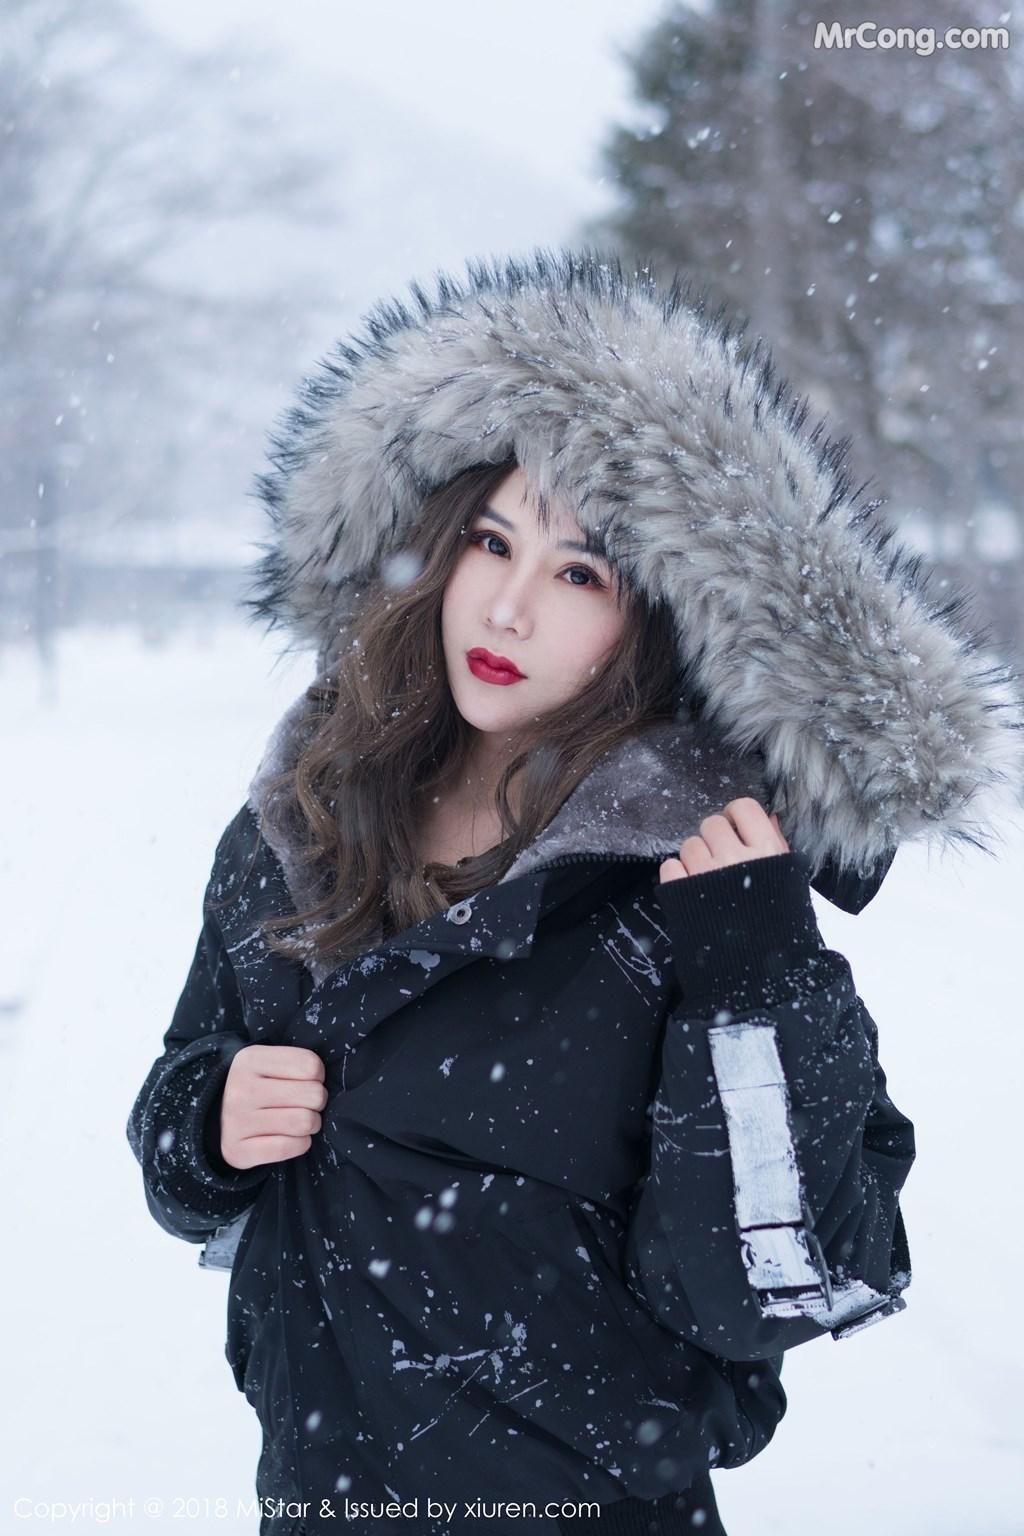 MiStar Vol.212: Người mẫu 大奶昔Kyra (41 ảnh)